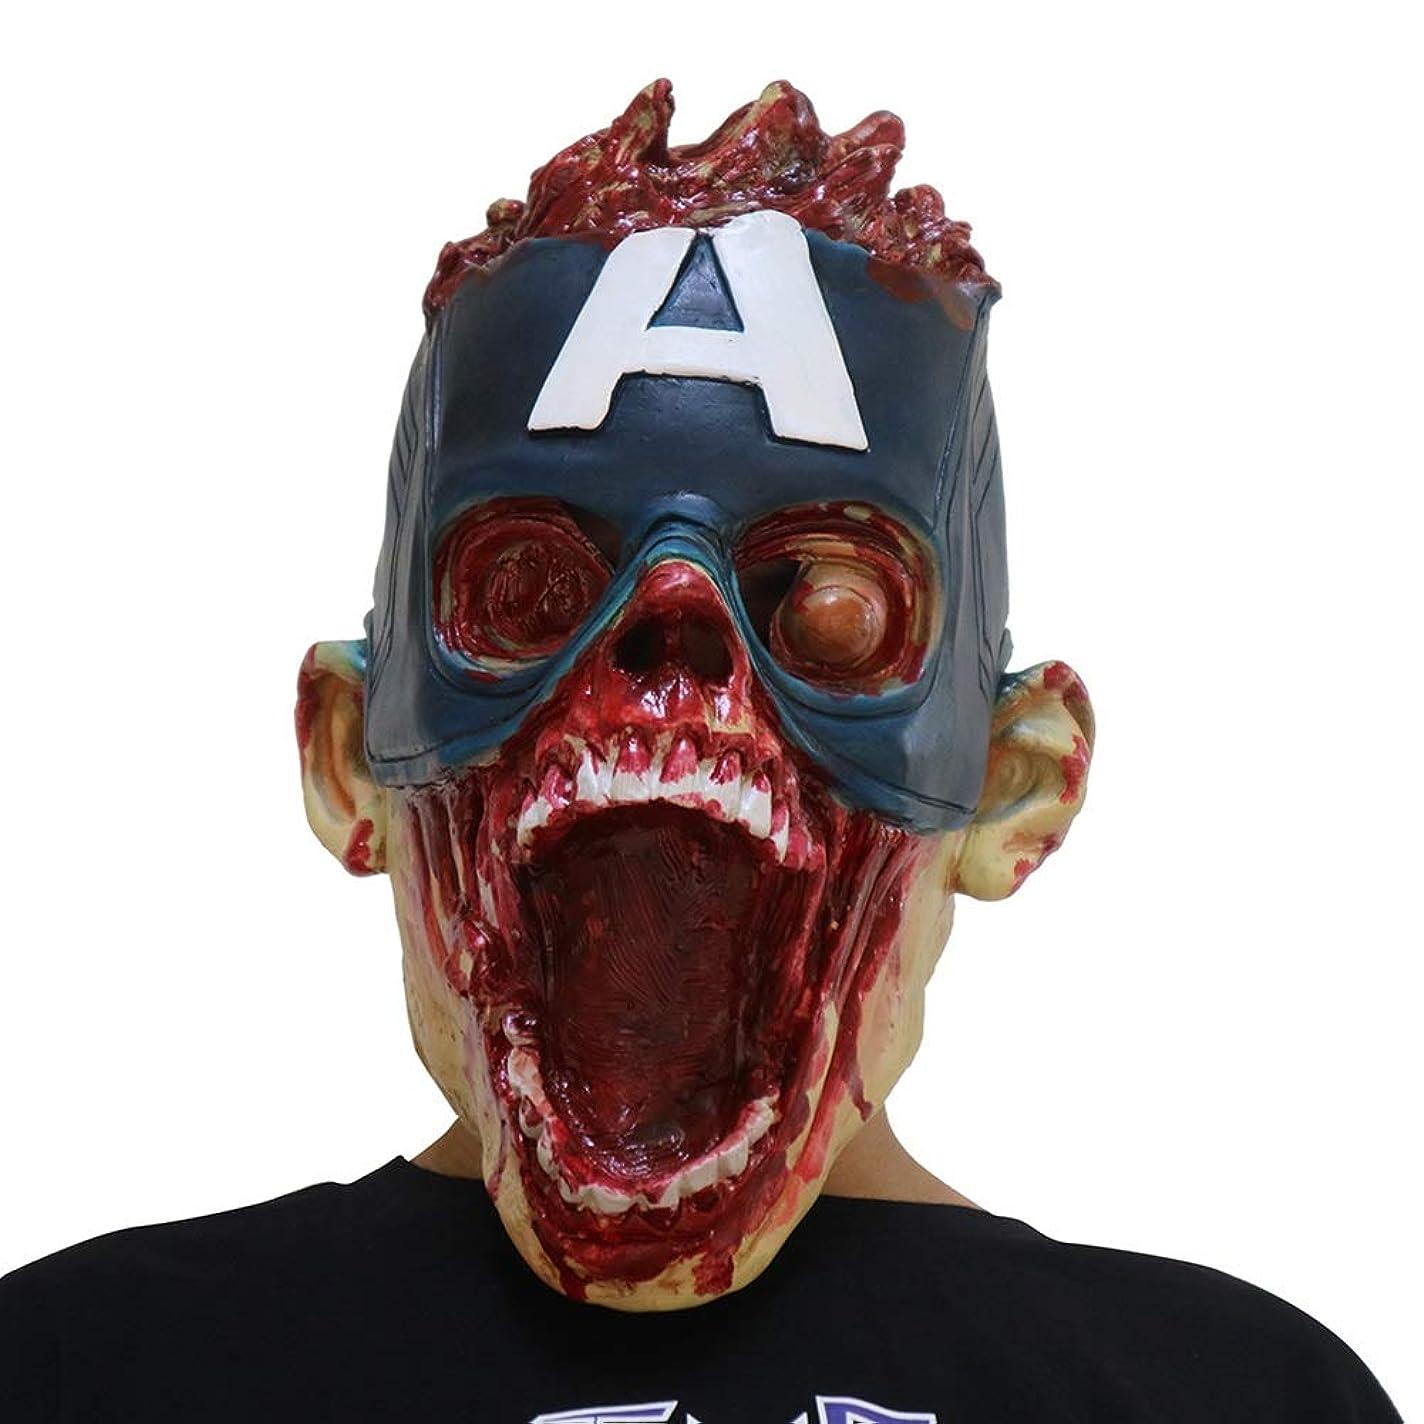 連続した抜粋私ハロウィーンホラーマスク、キャプテンアメリカヘッドマスク、クリエイティブデビルマスク、ラテックスVizardマスク、コスチュームプロップトカゲマスク